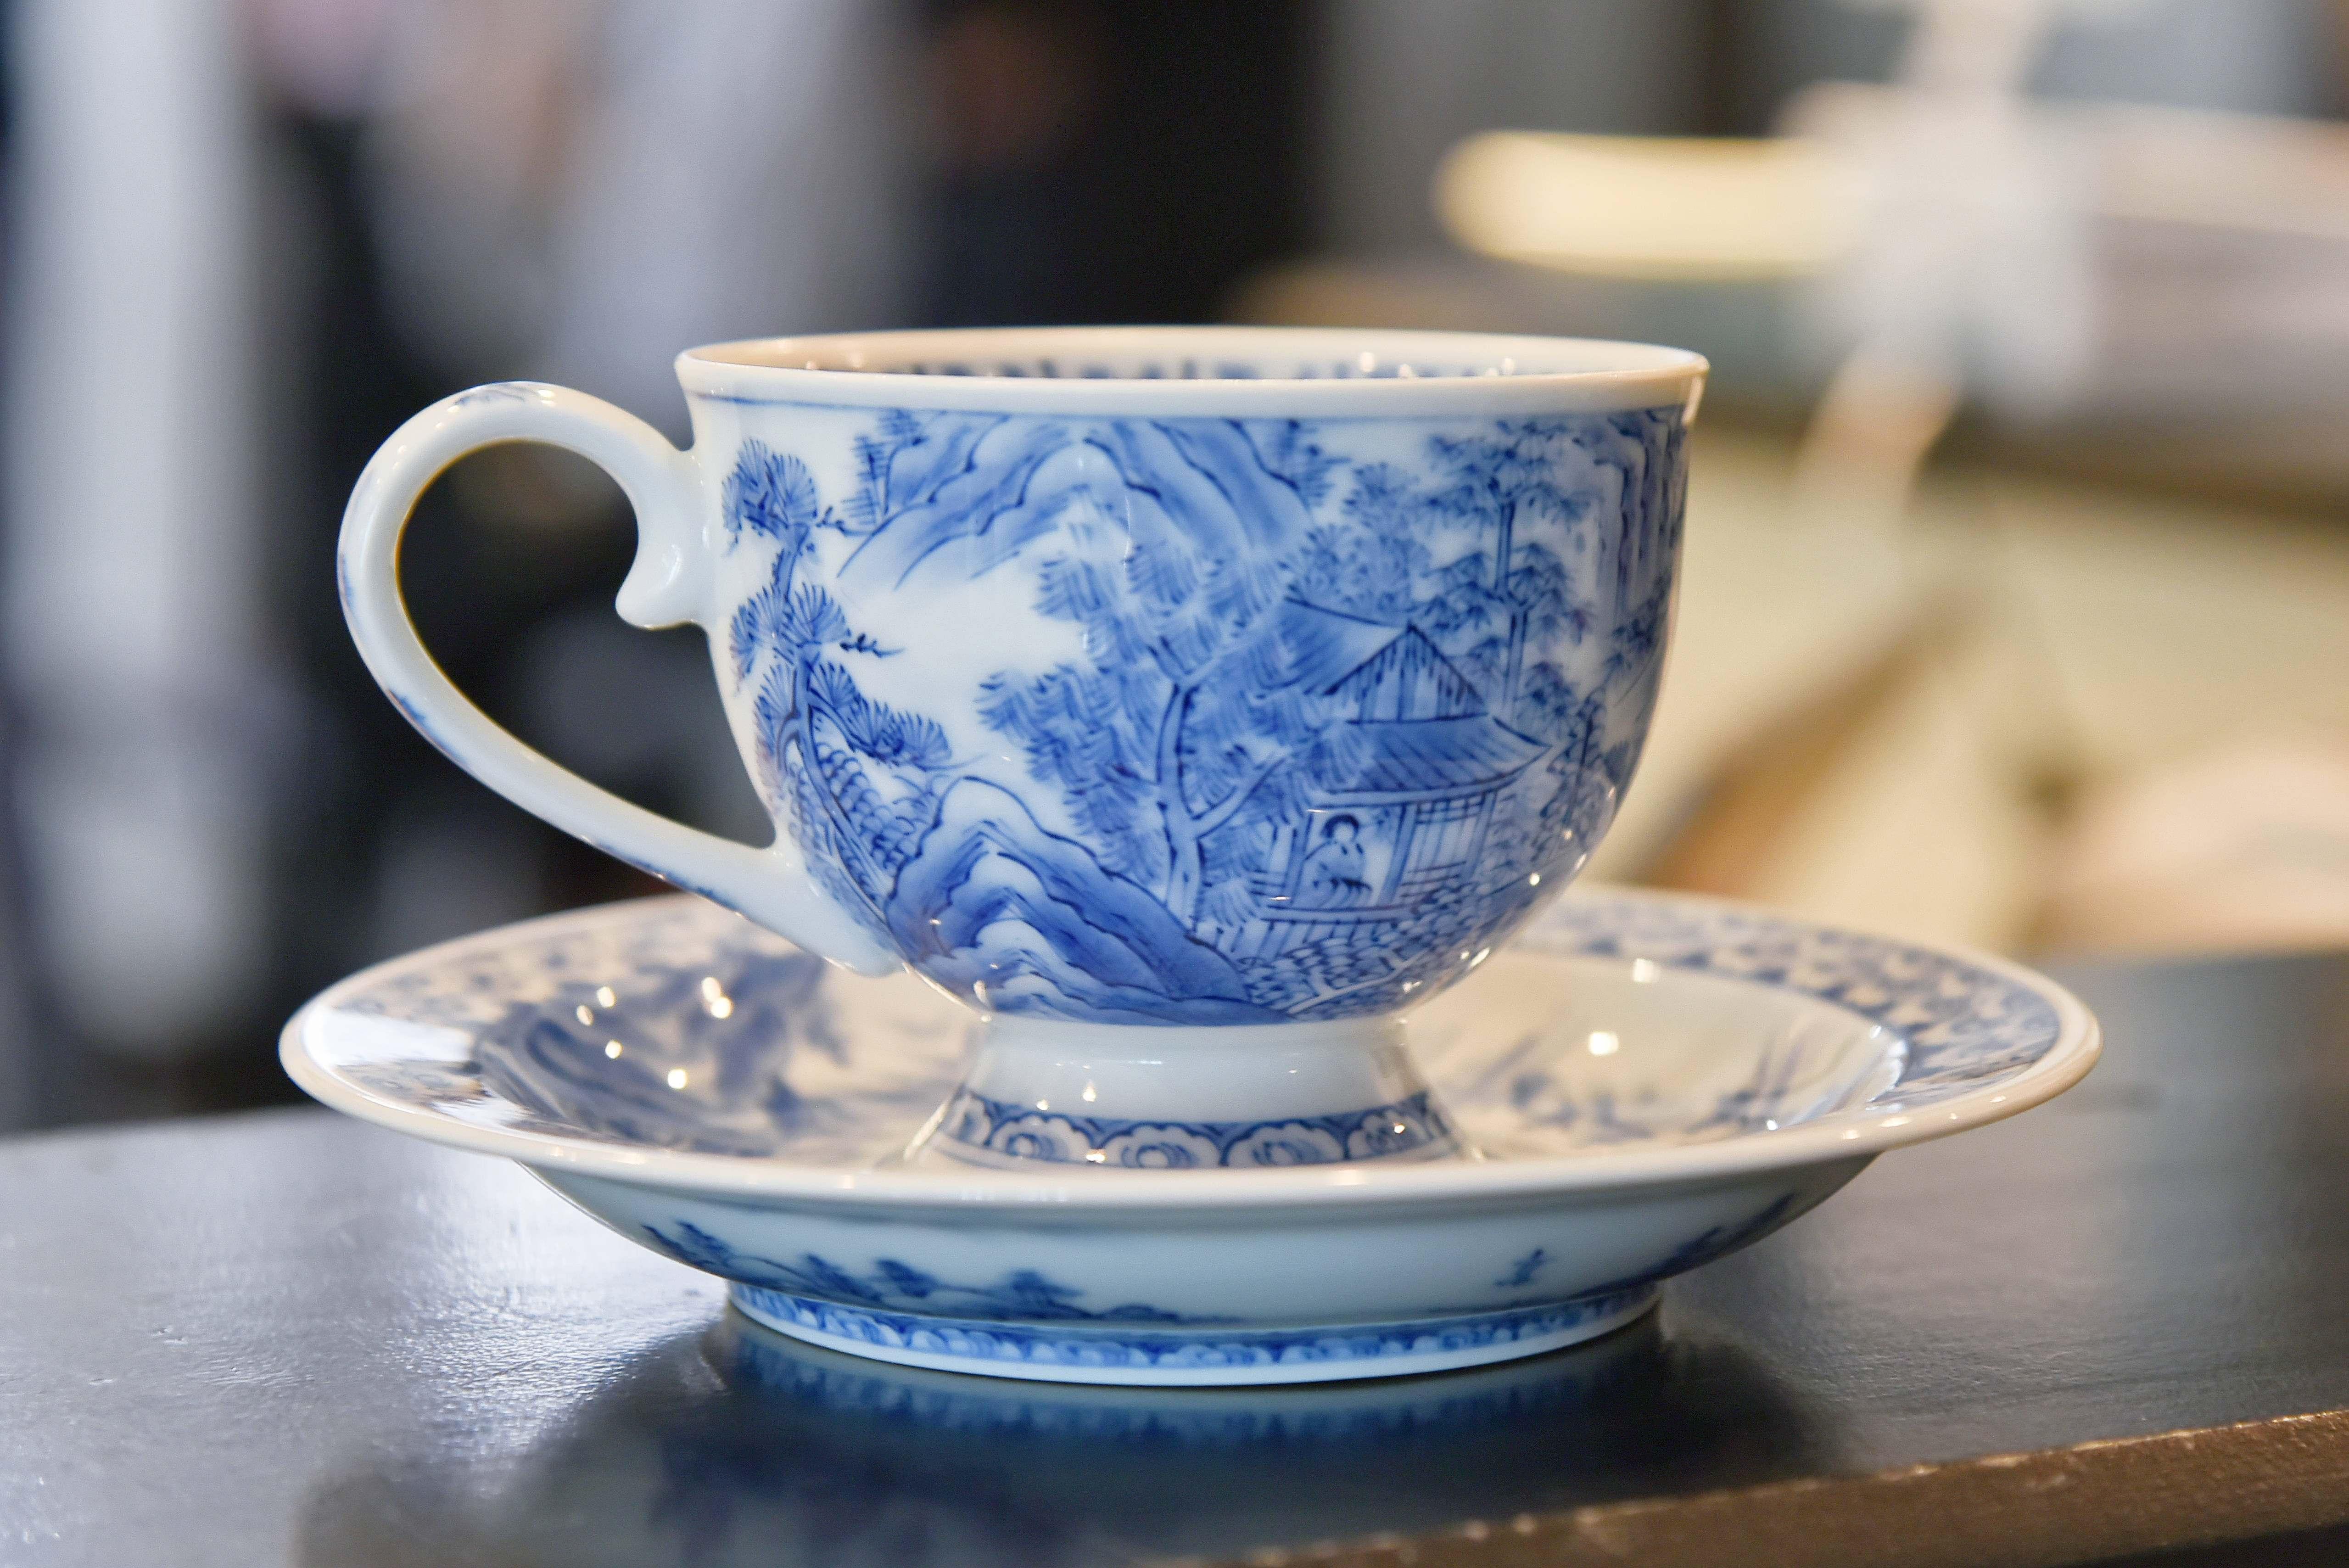 【佐賀│有田】九州陶瓷之鄉,2000只咖啡杯任君挑選,Gallery Arita有田燒咖啡廳